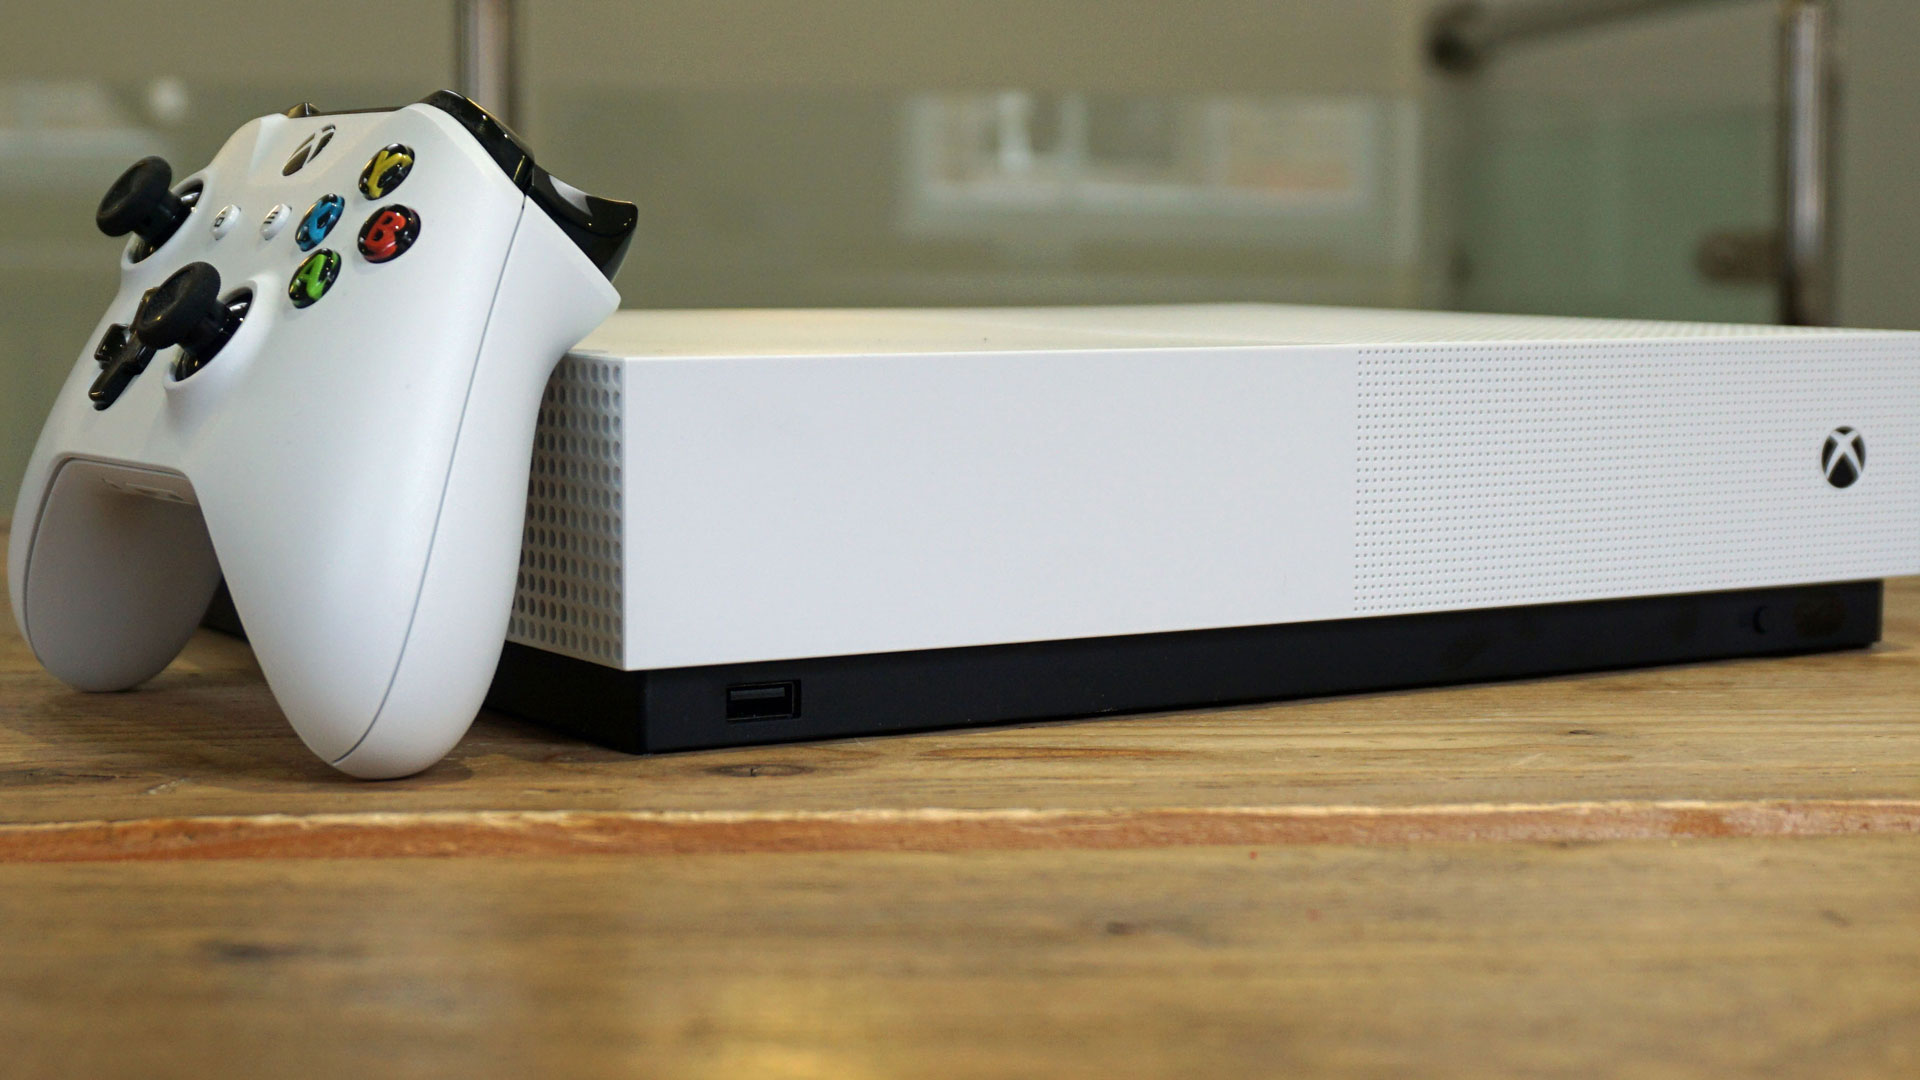 ایکس باکس وان اس آل دیجیتال (Xbox One S All Digital)